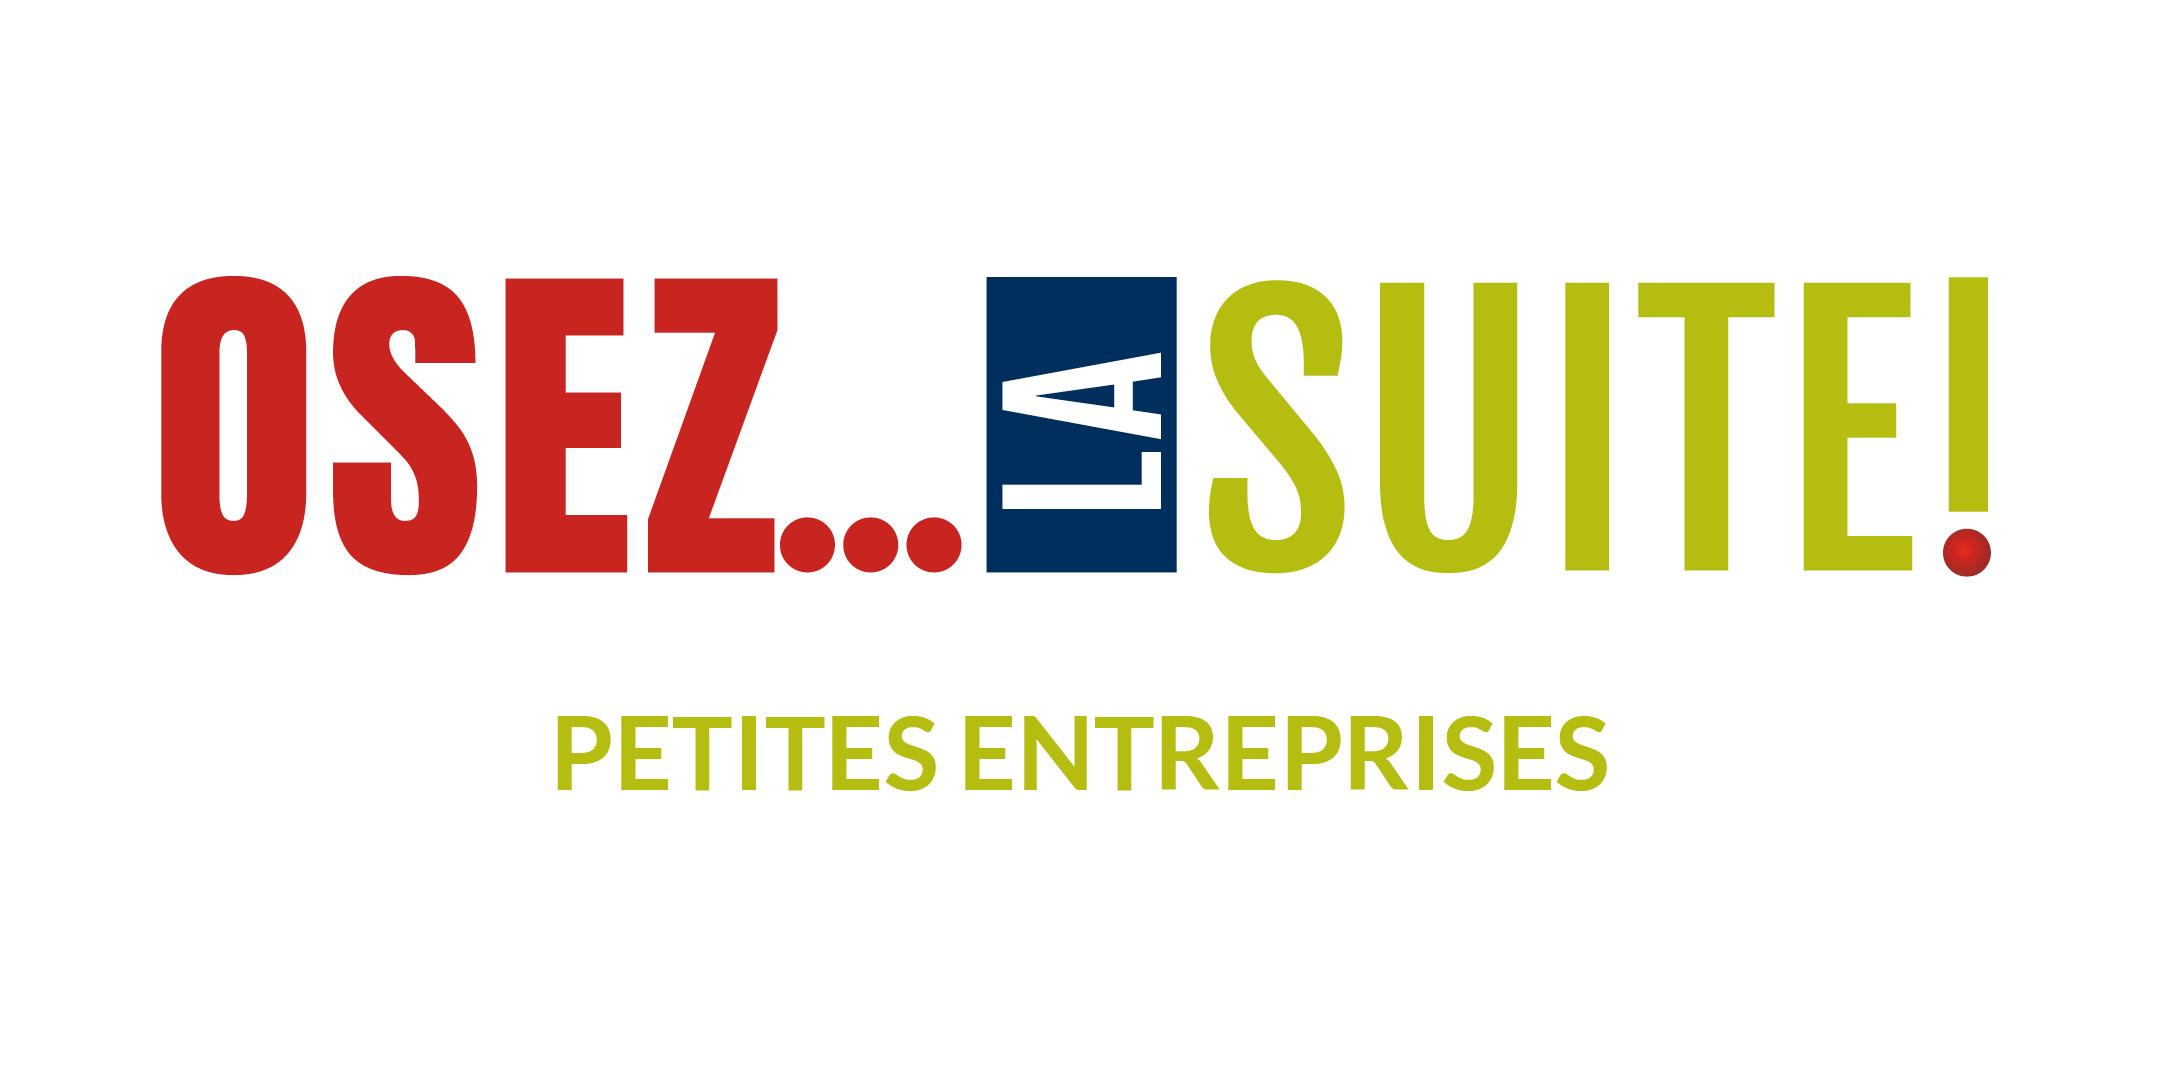 OsezlaSuite-Petites-entreprises